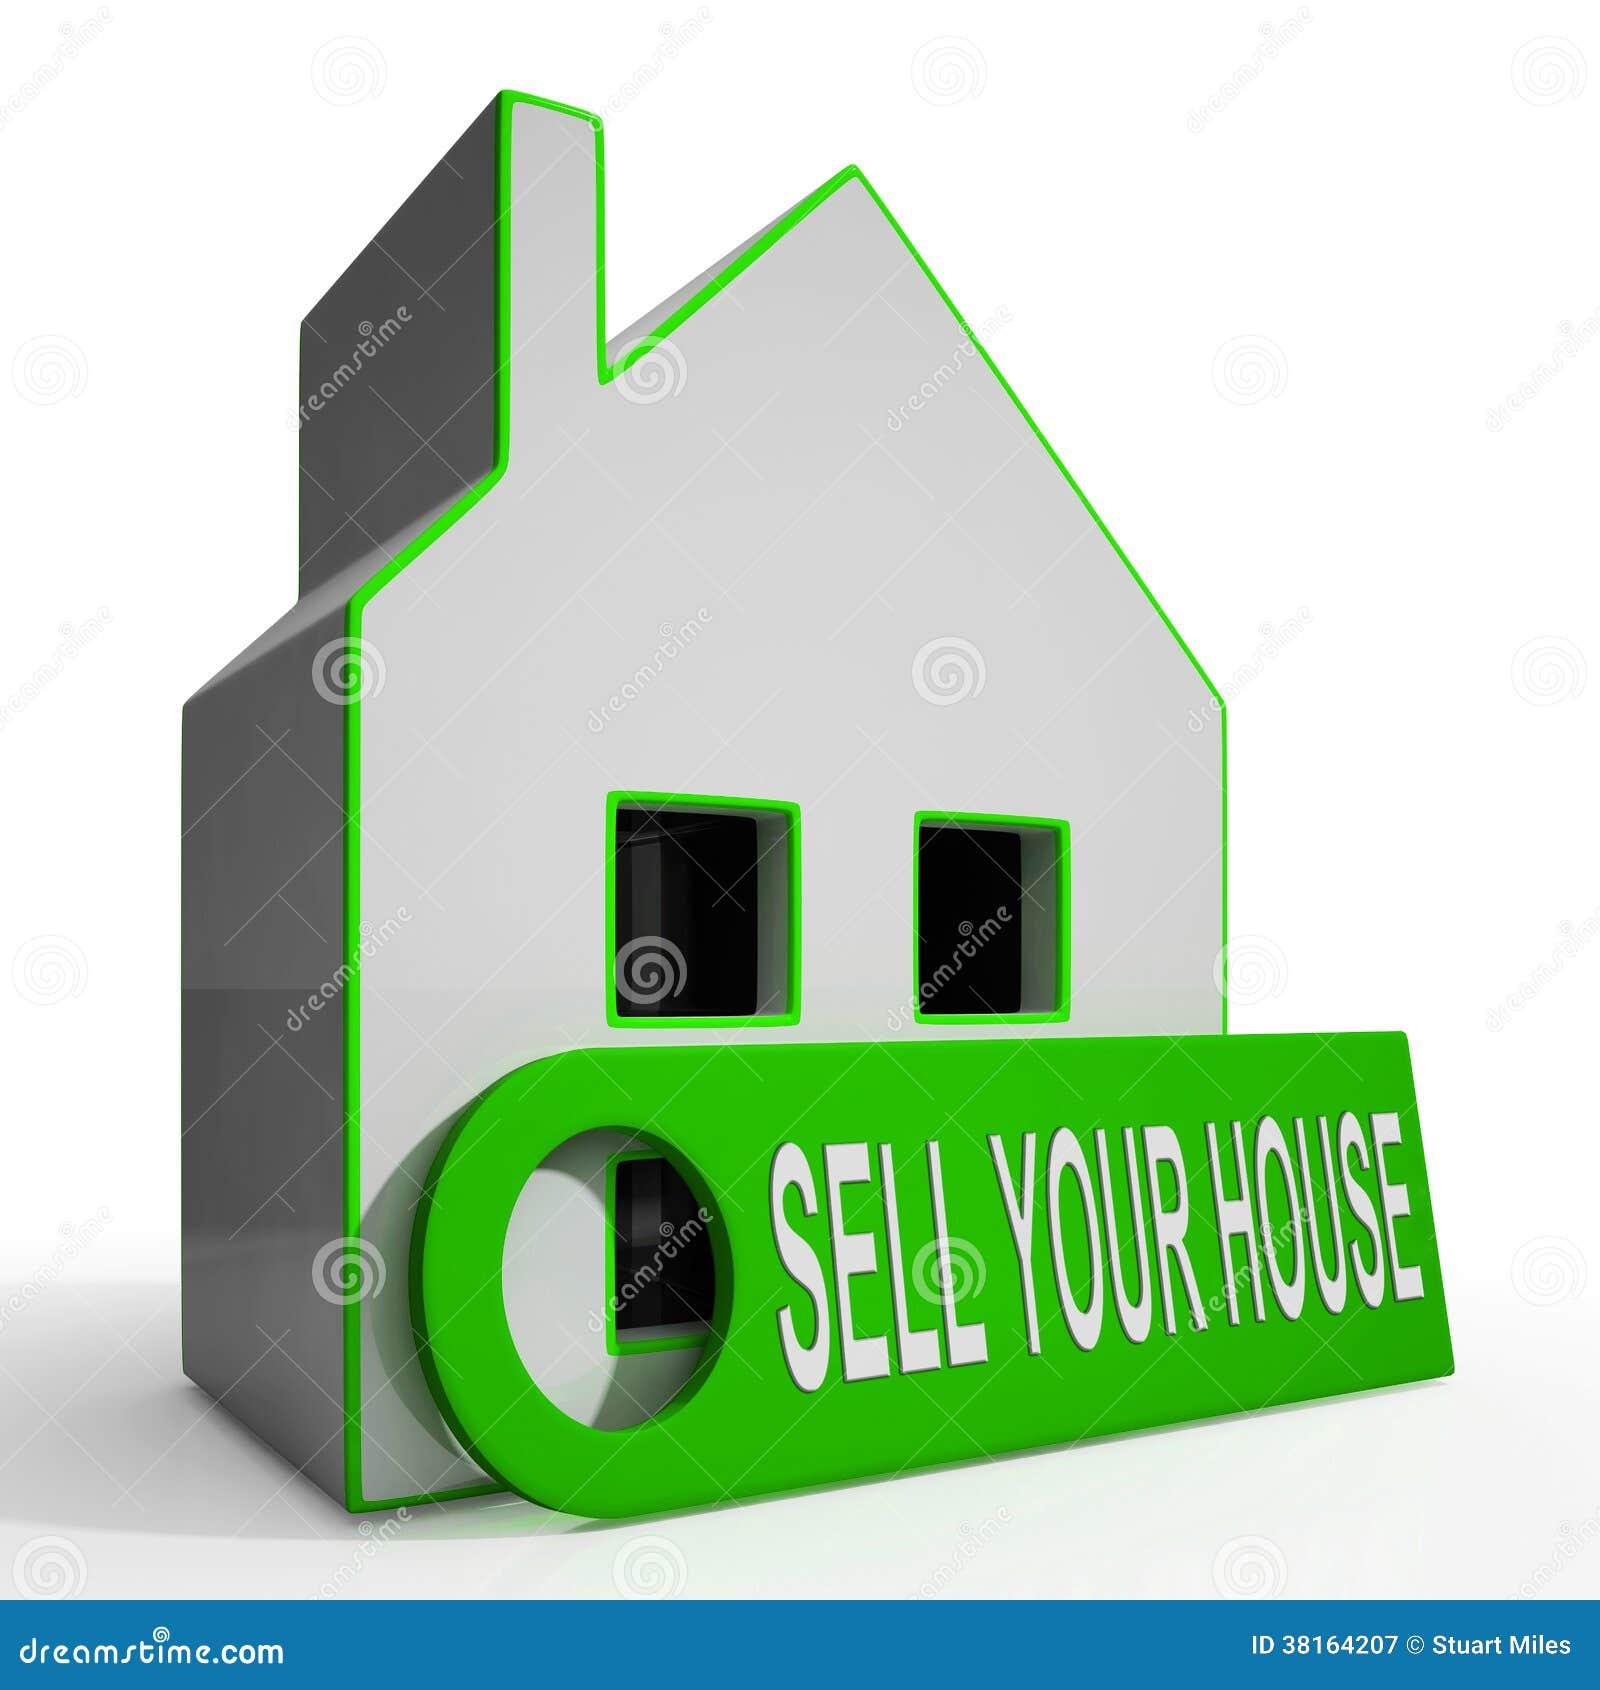 Venda su propiedad q disponible de los medios del hogar de la casa